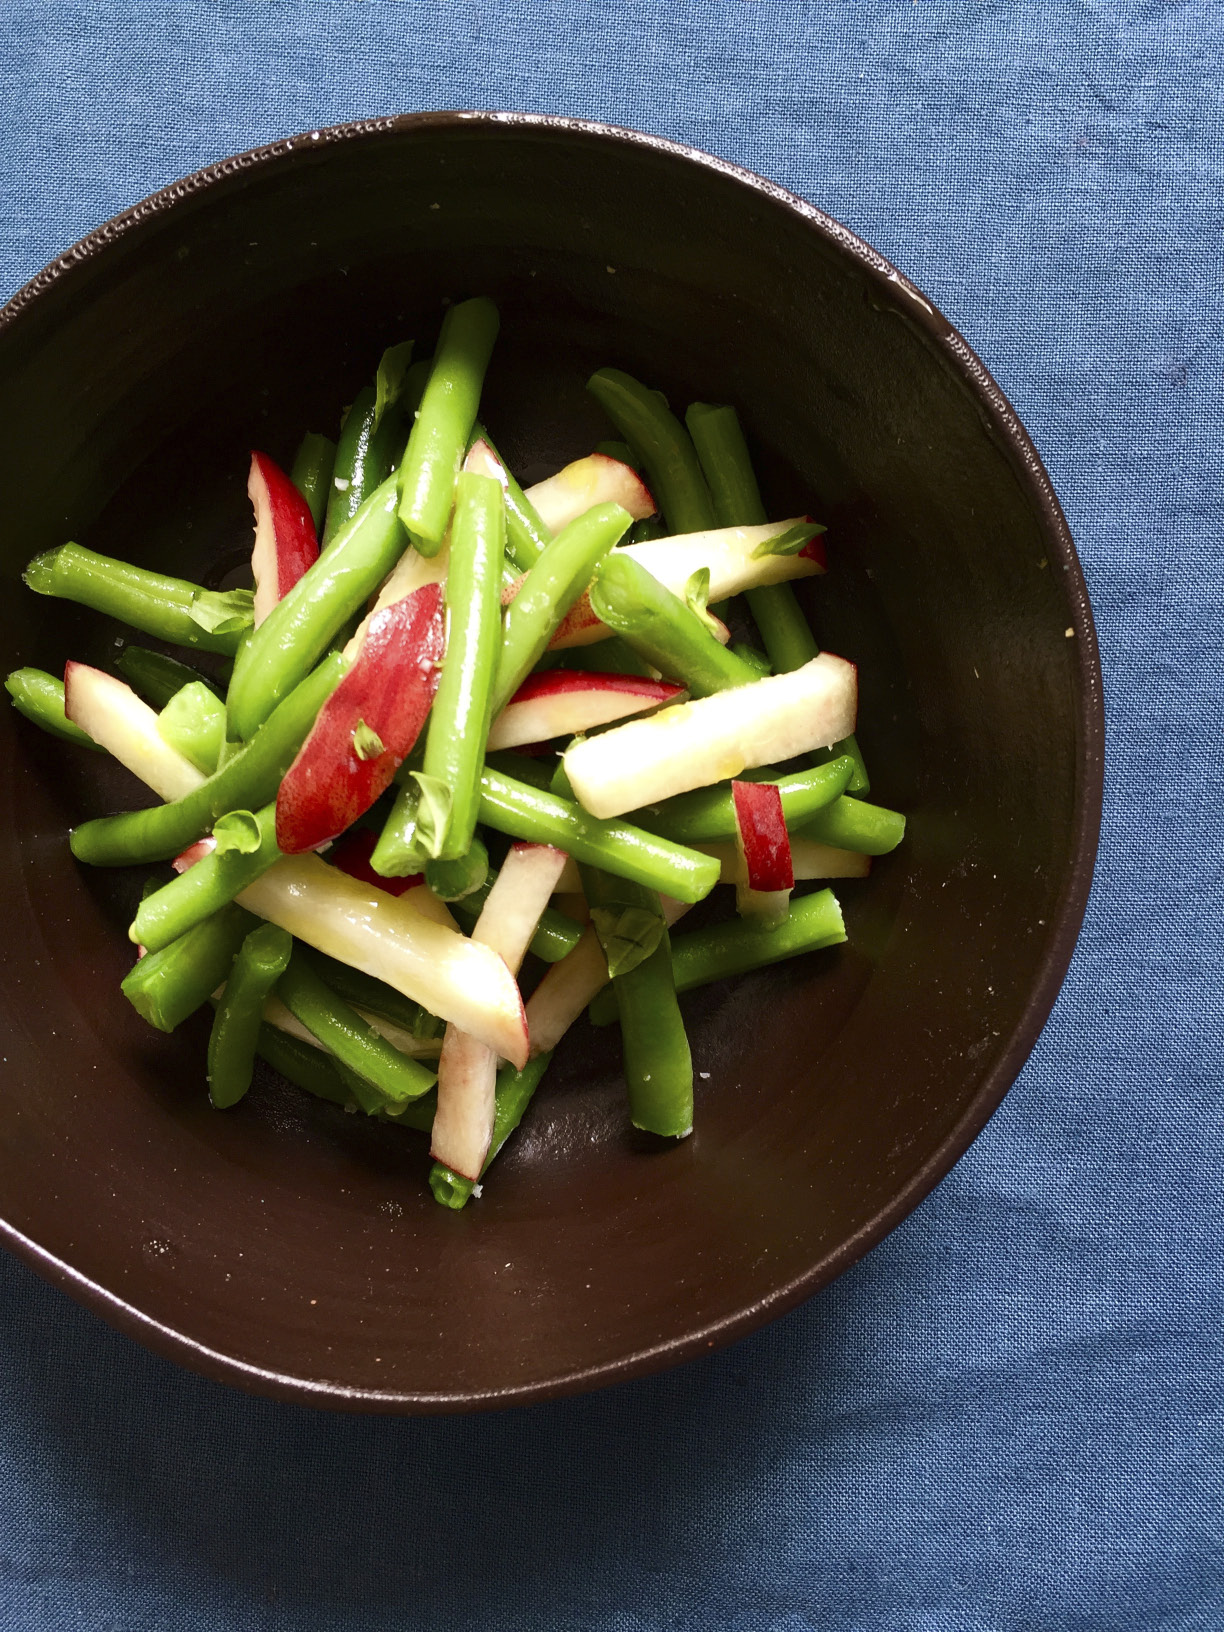 Salade de haricots verts p ches blanches basilic pour 4 personnes recettes elle table - Quels sont les meilleures varietes d haricot vert ...